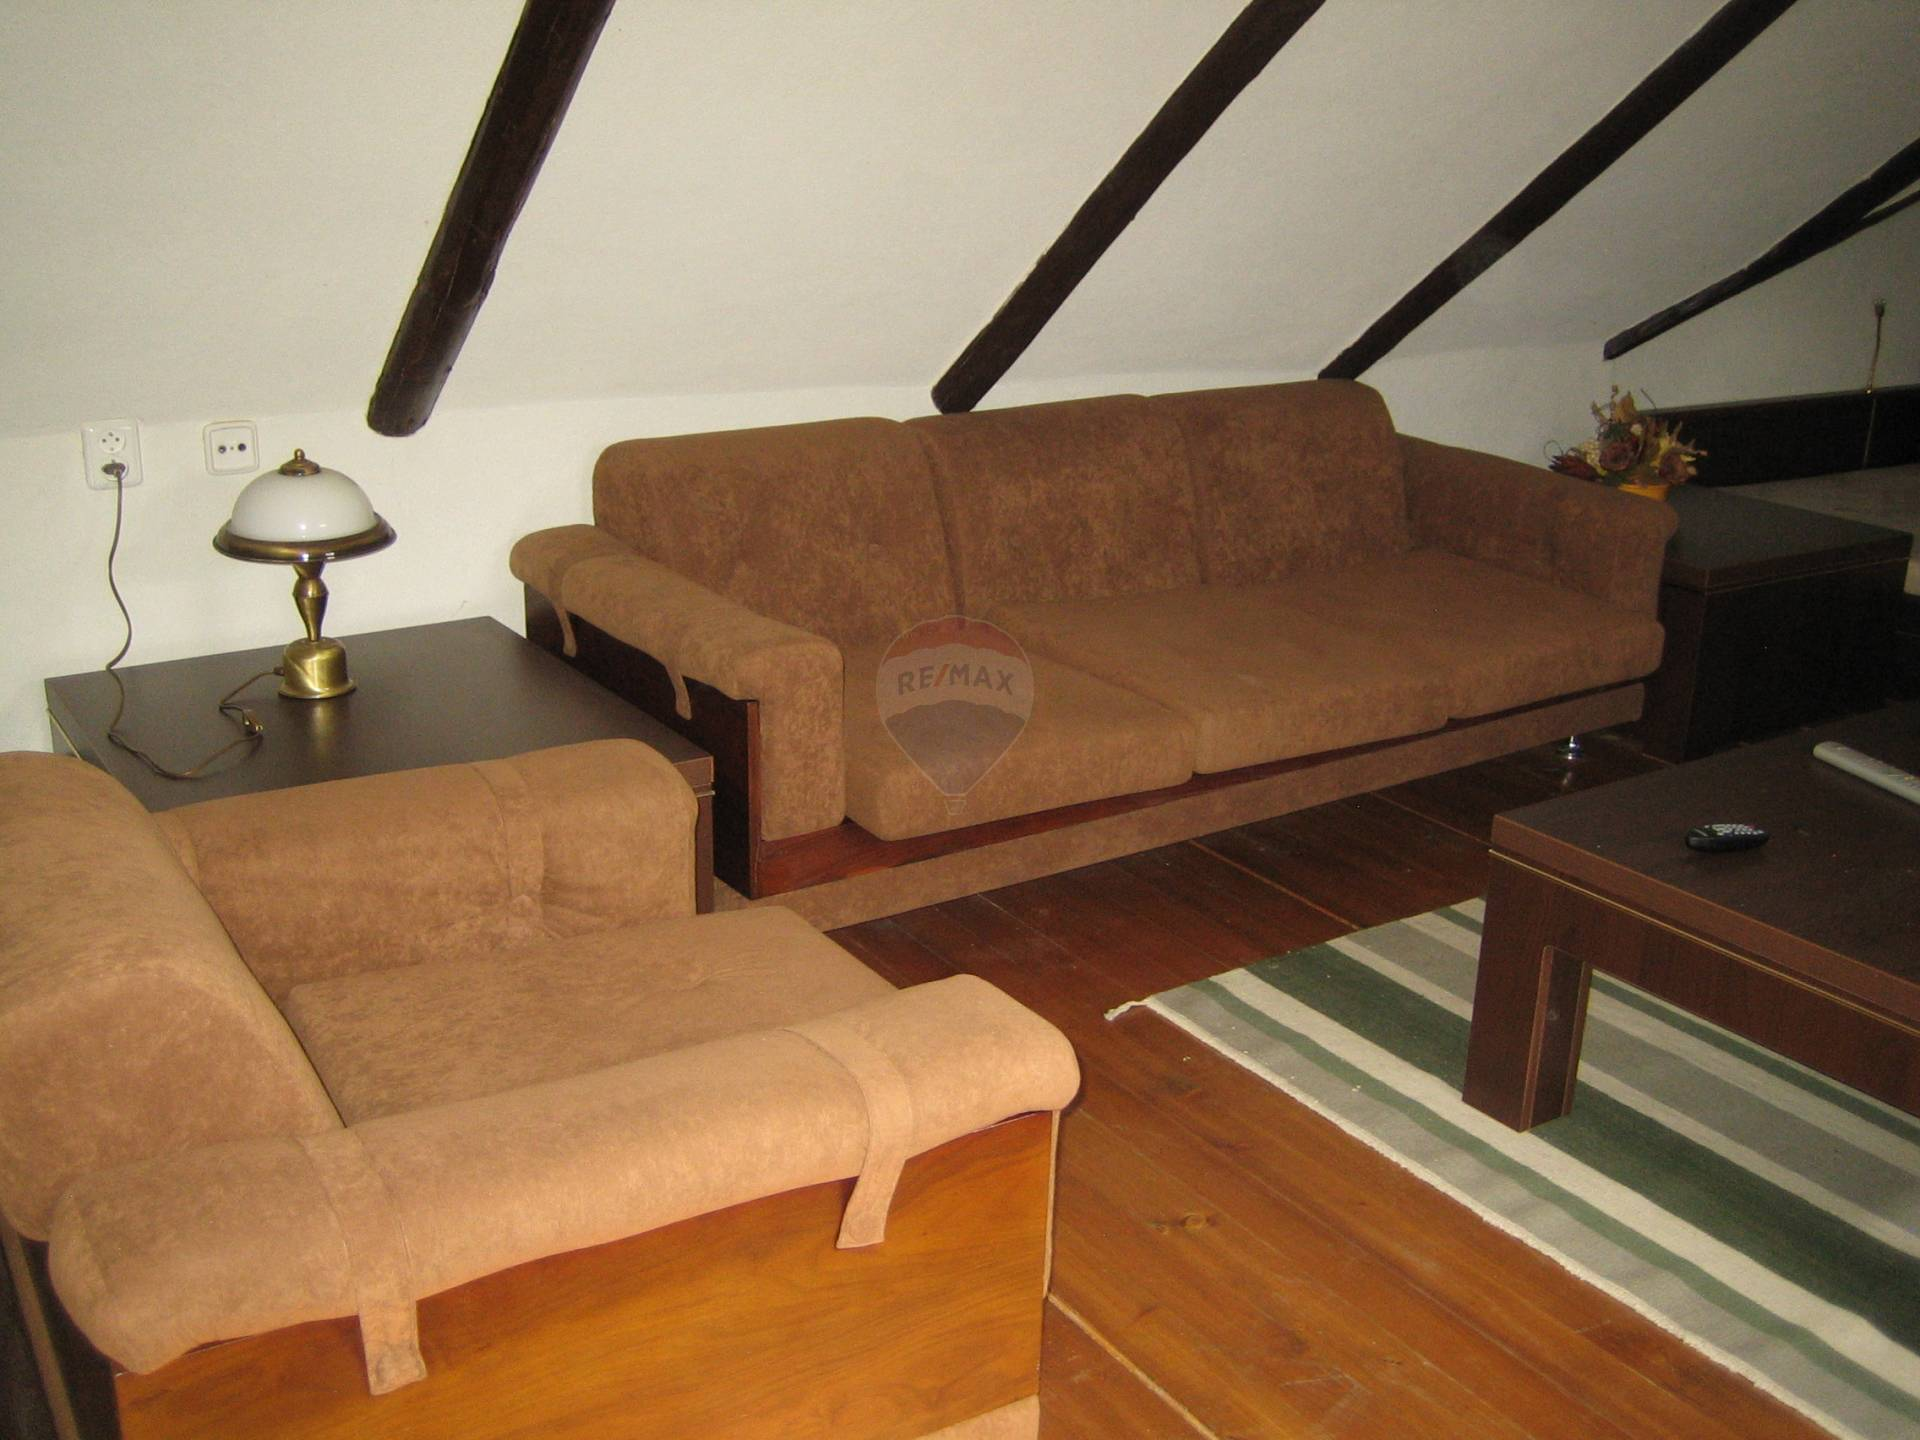 Prenájom bytu (4 izbový) 120 m2, Brestovany - obývačka poschodie